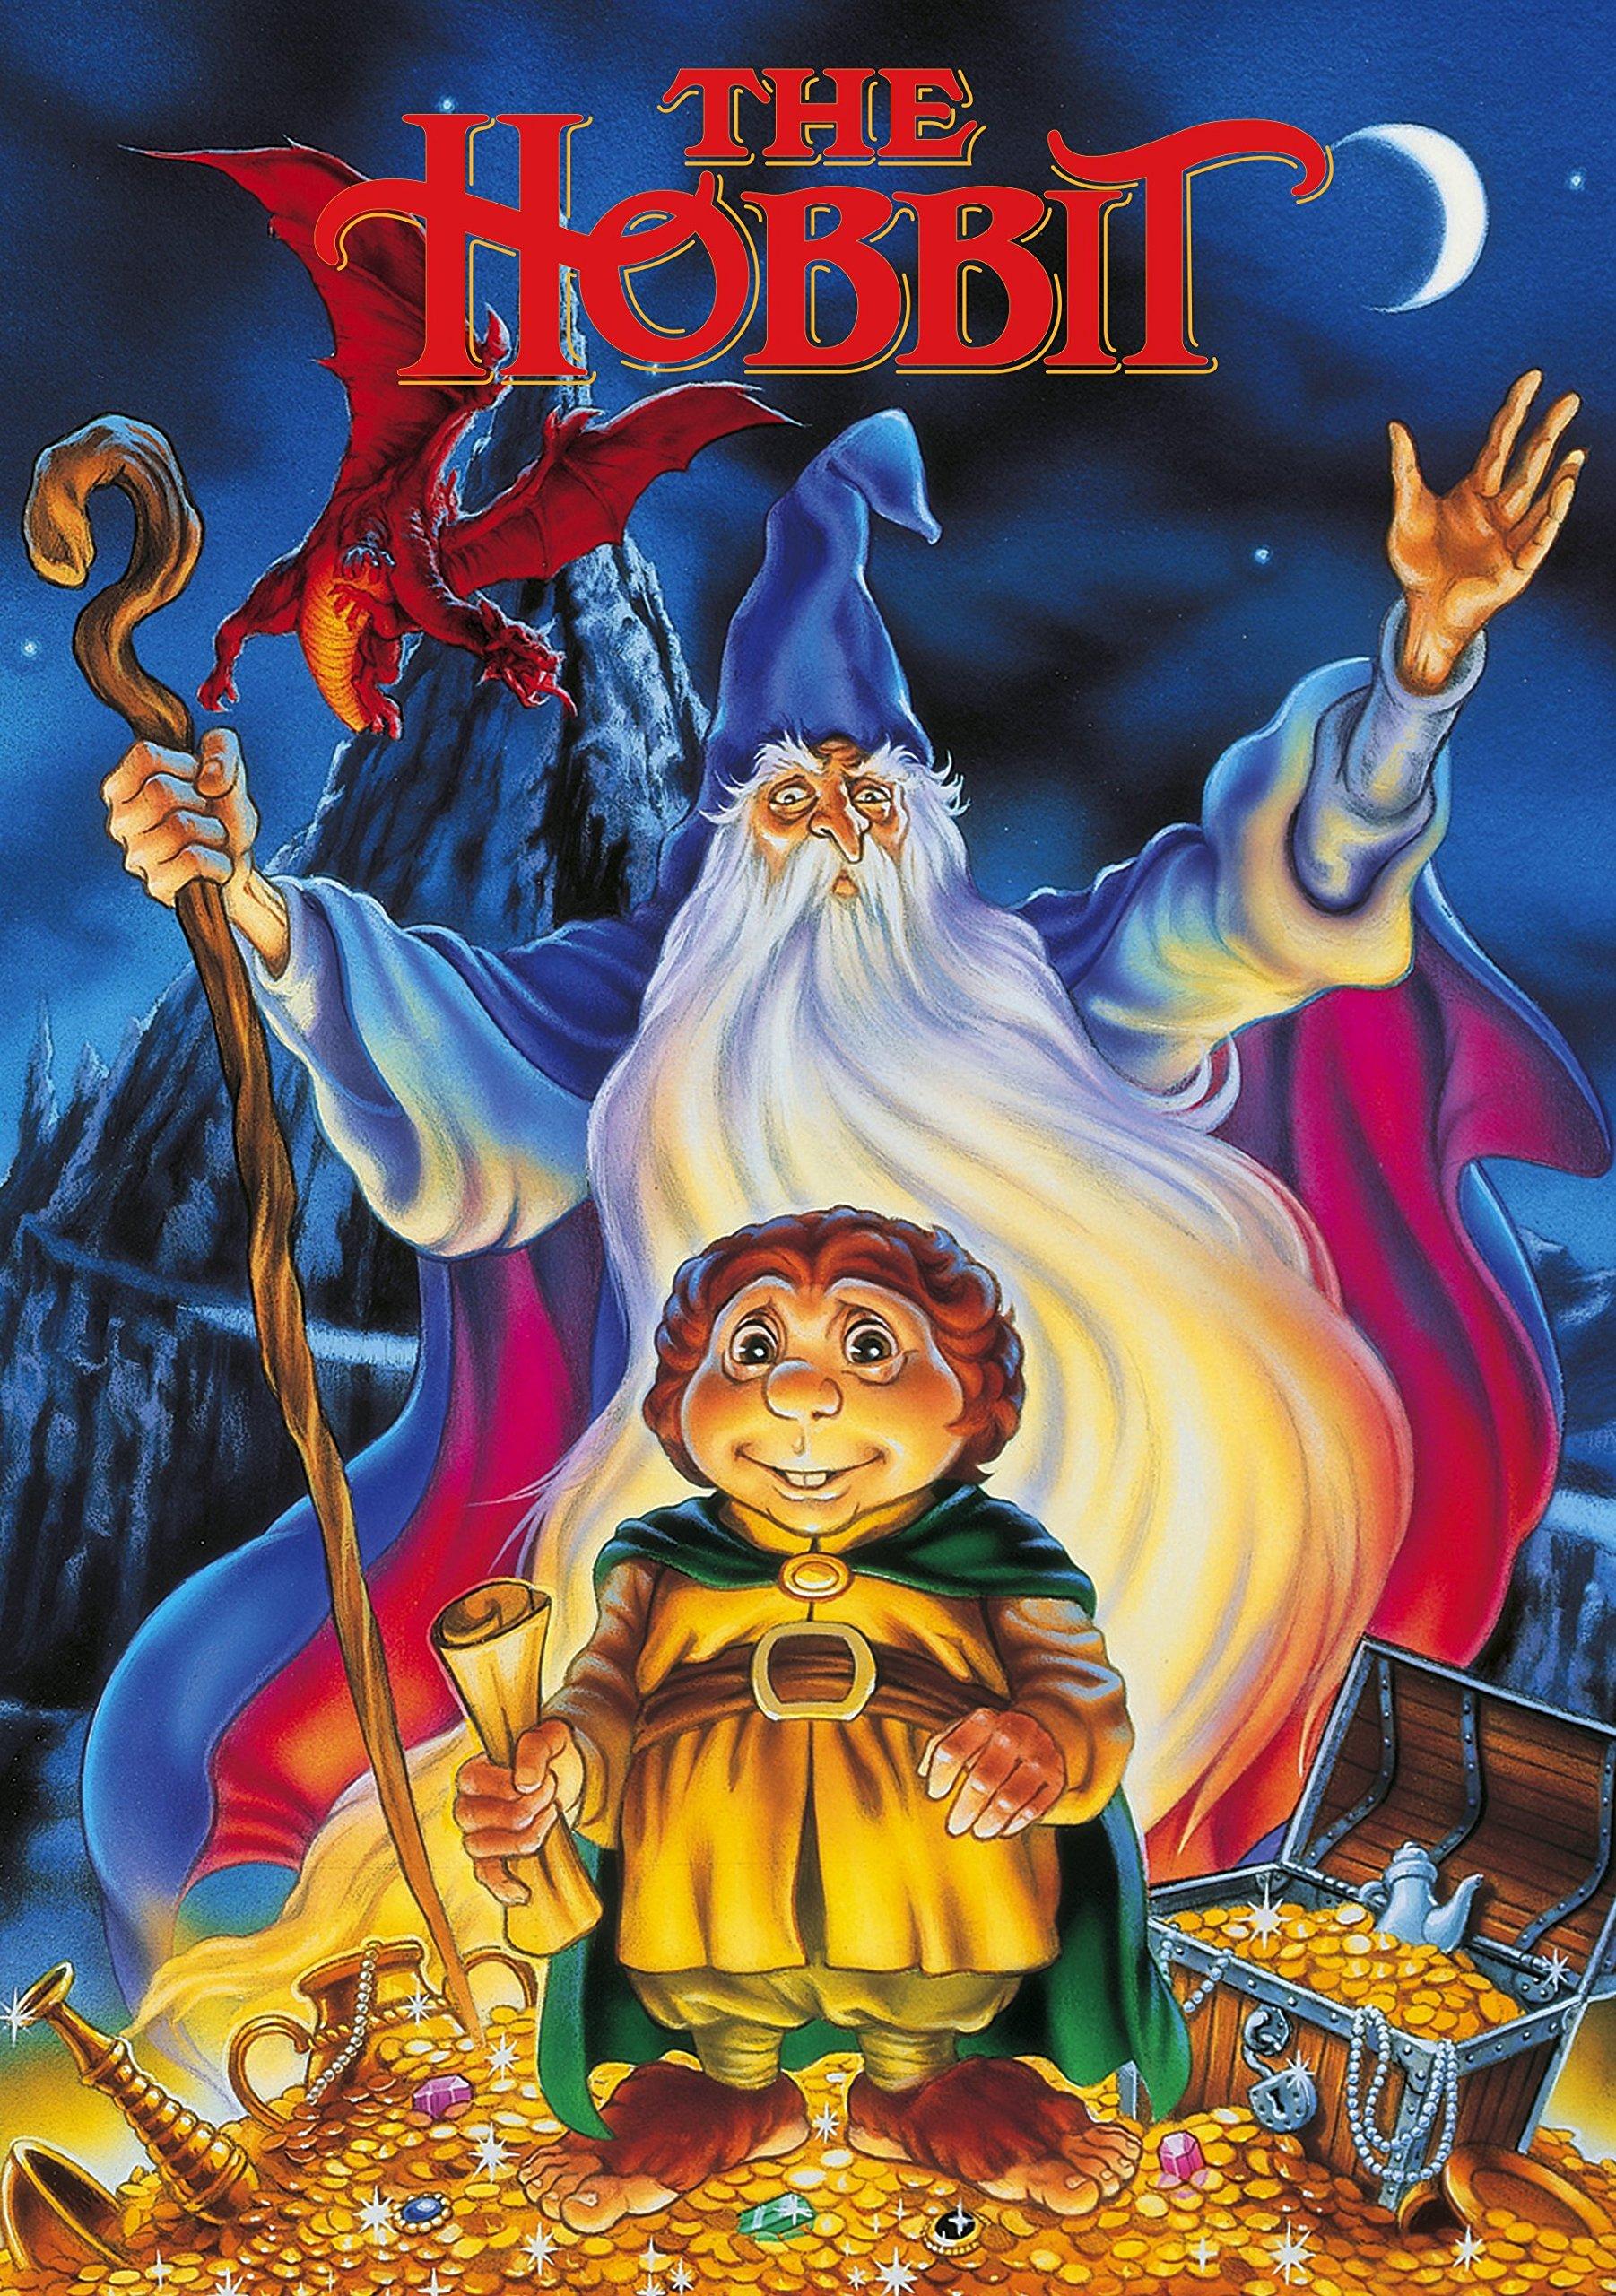 File:The Hobbit DVD cover.jpg